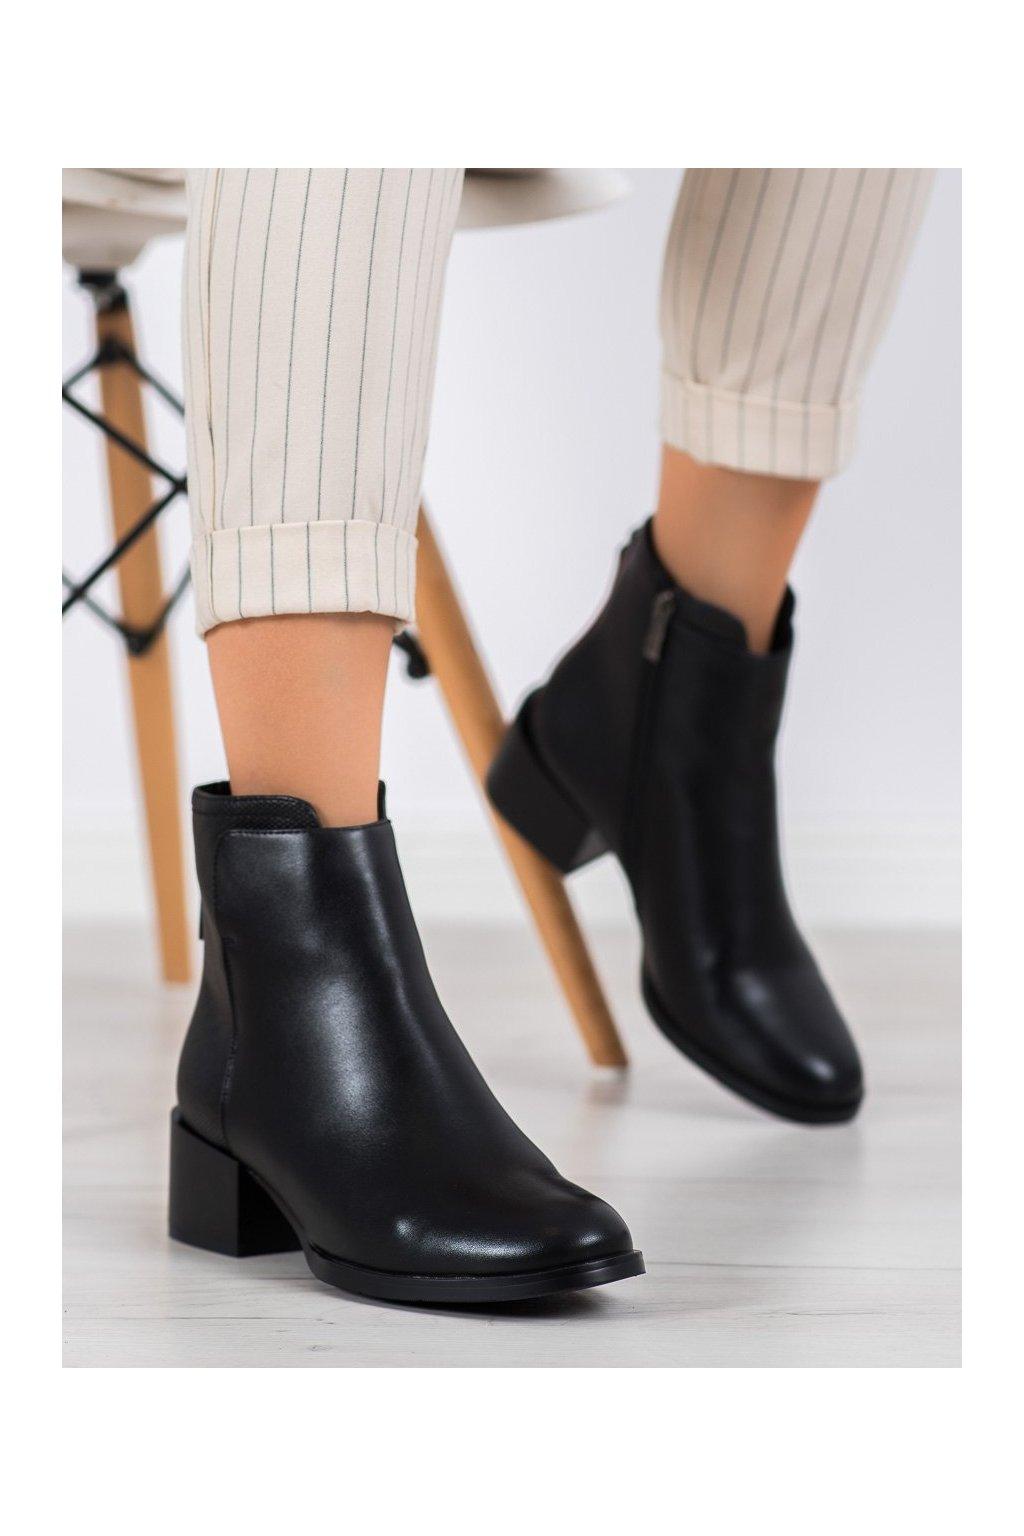 Čierne dámske topánky Filippo kod DBT1549/20B